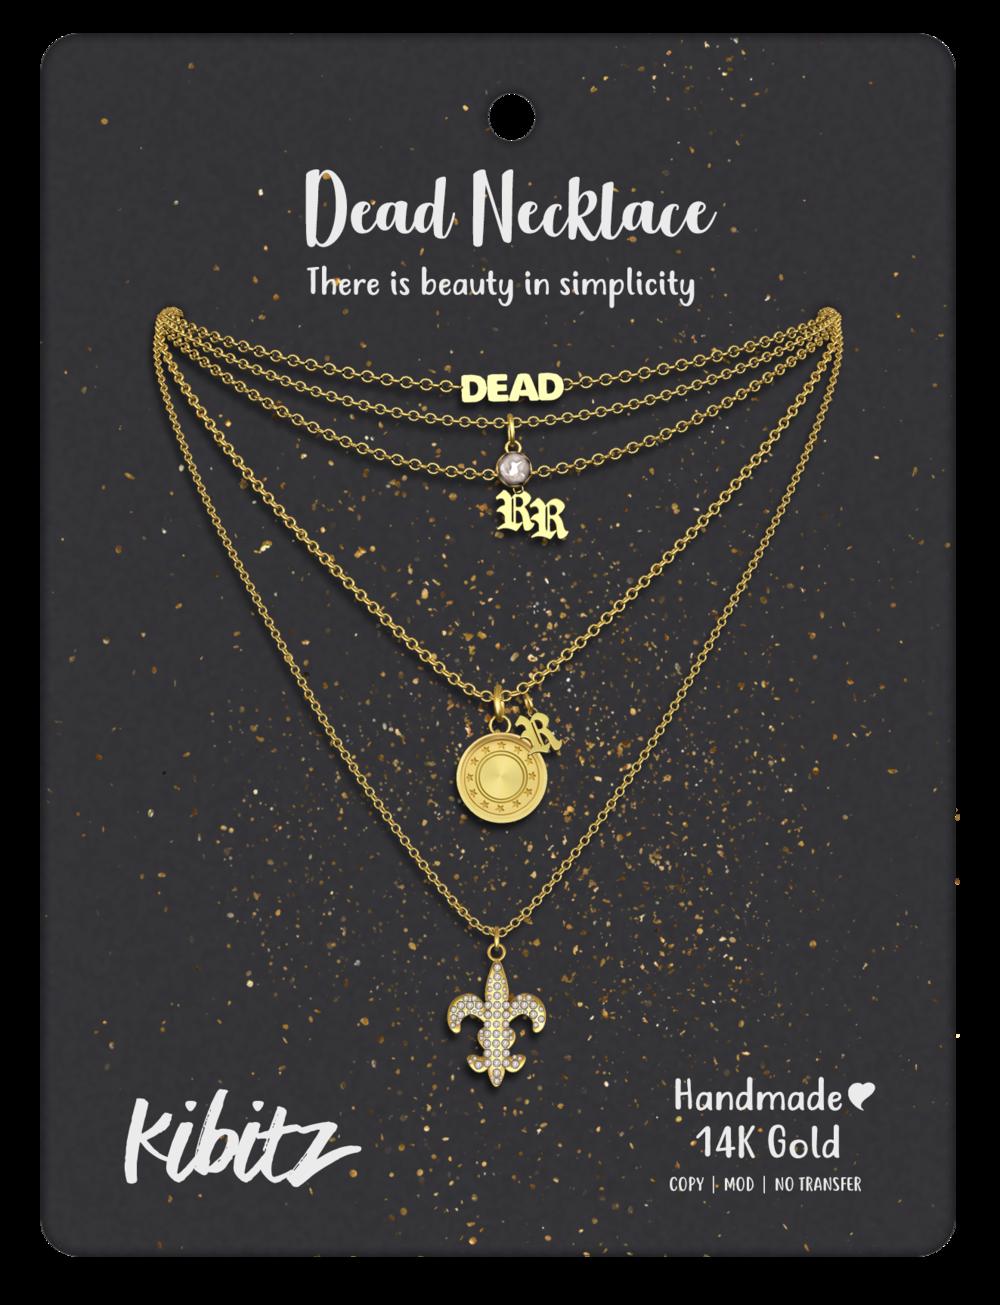 kibitz dead necklace.png